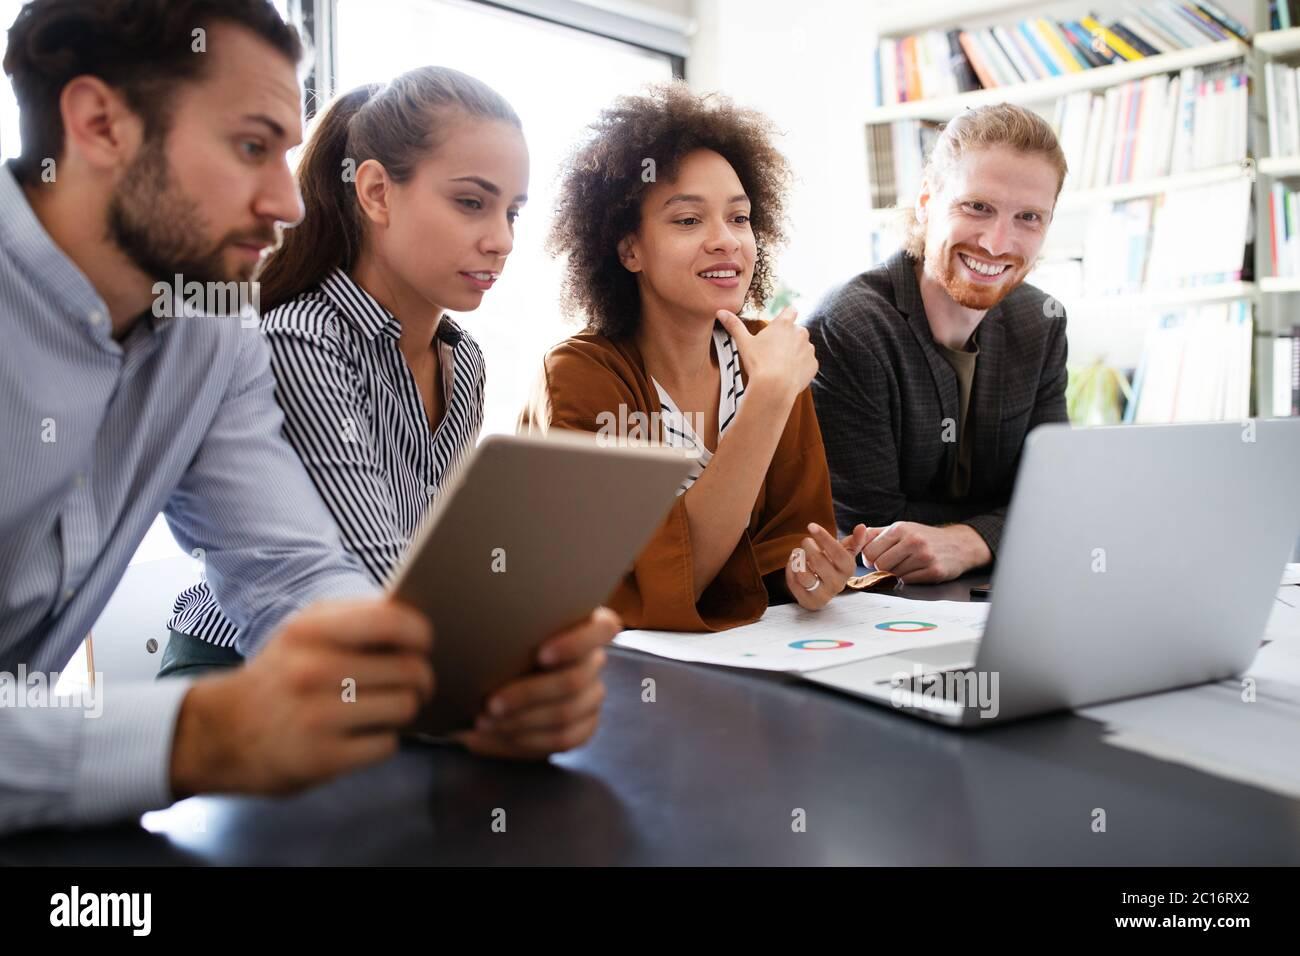 Les programmeurs de coopérer à l'entreprise de technologie de l'information réflexion Banque D'Images